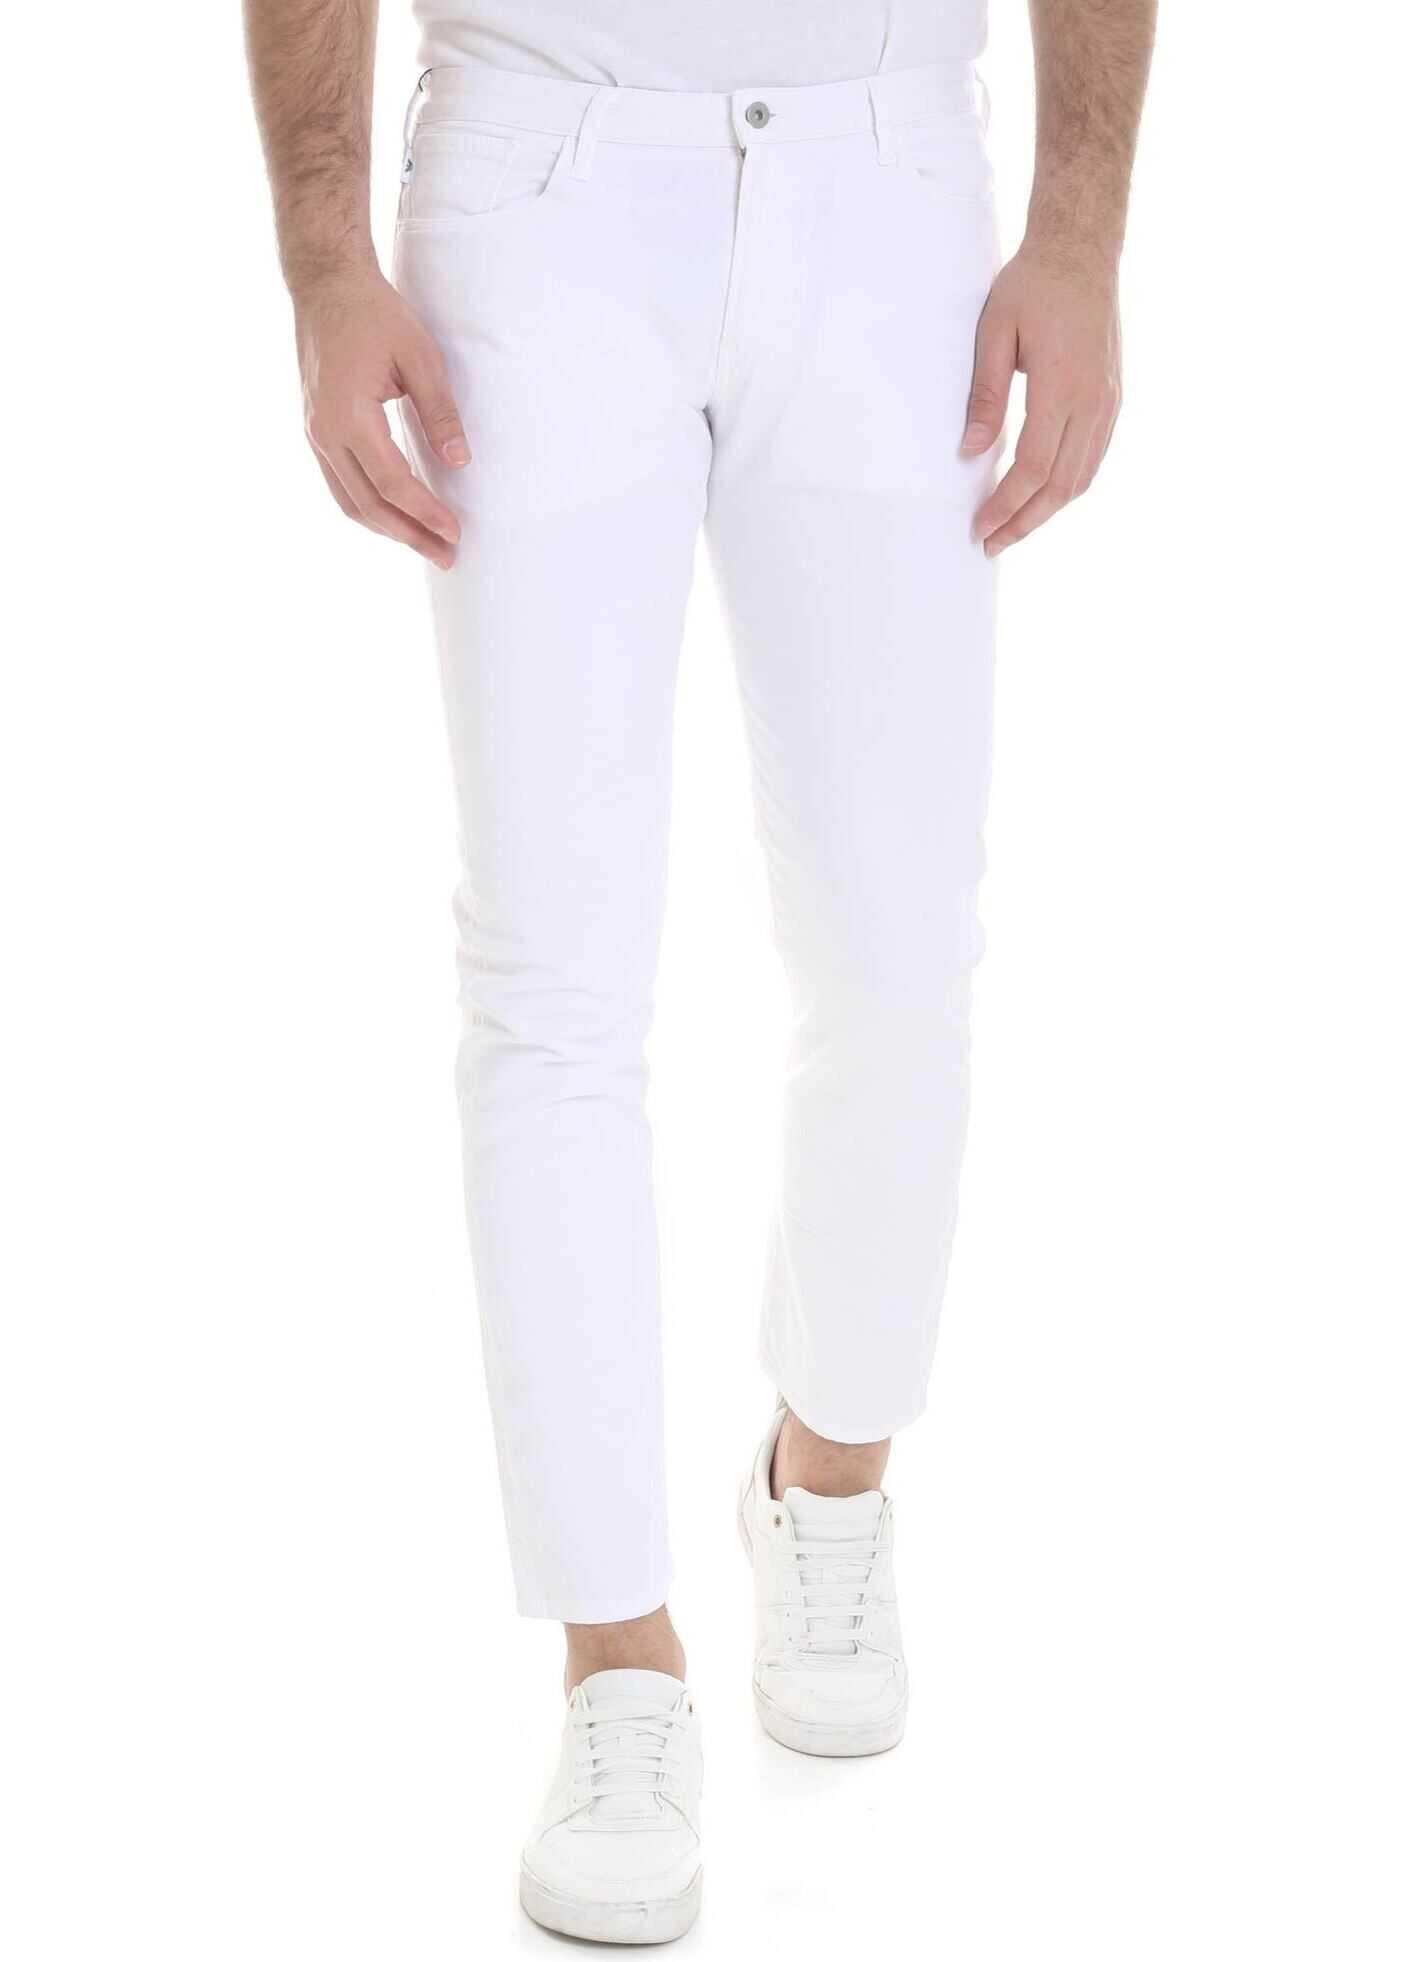 Emporio Armani Stretch Cotton Jeans In White White